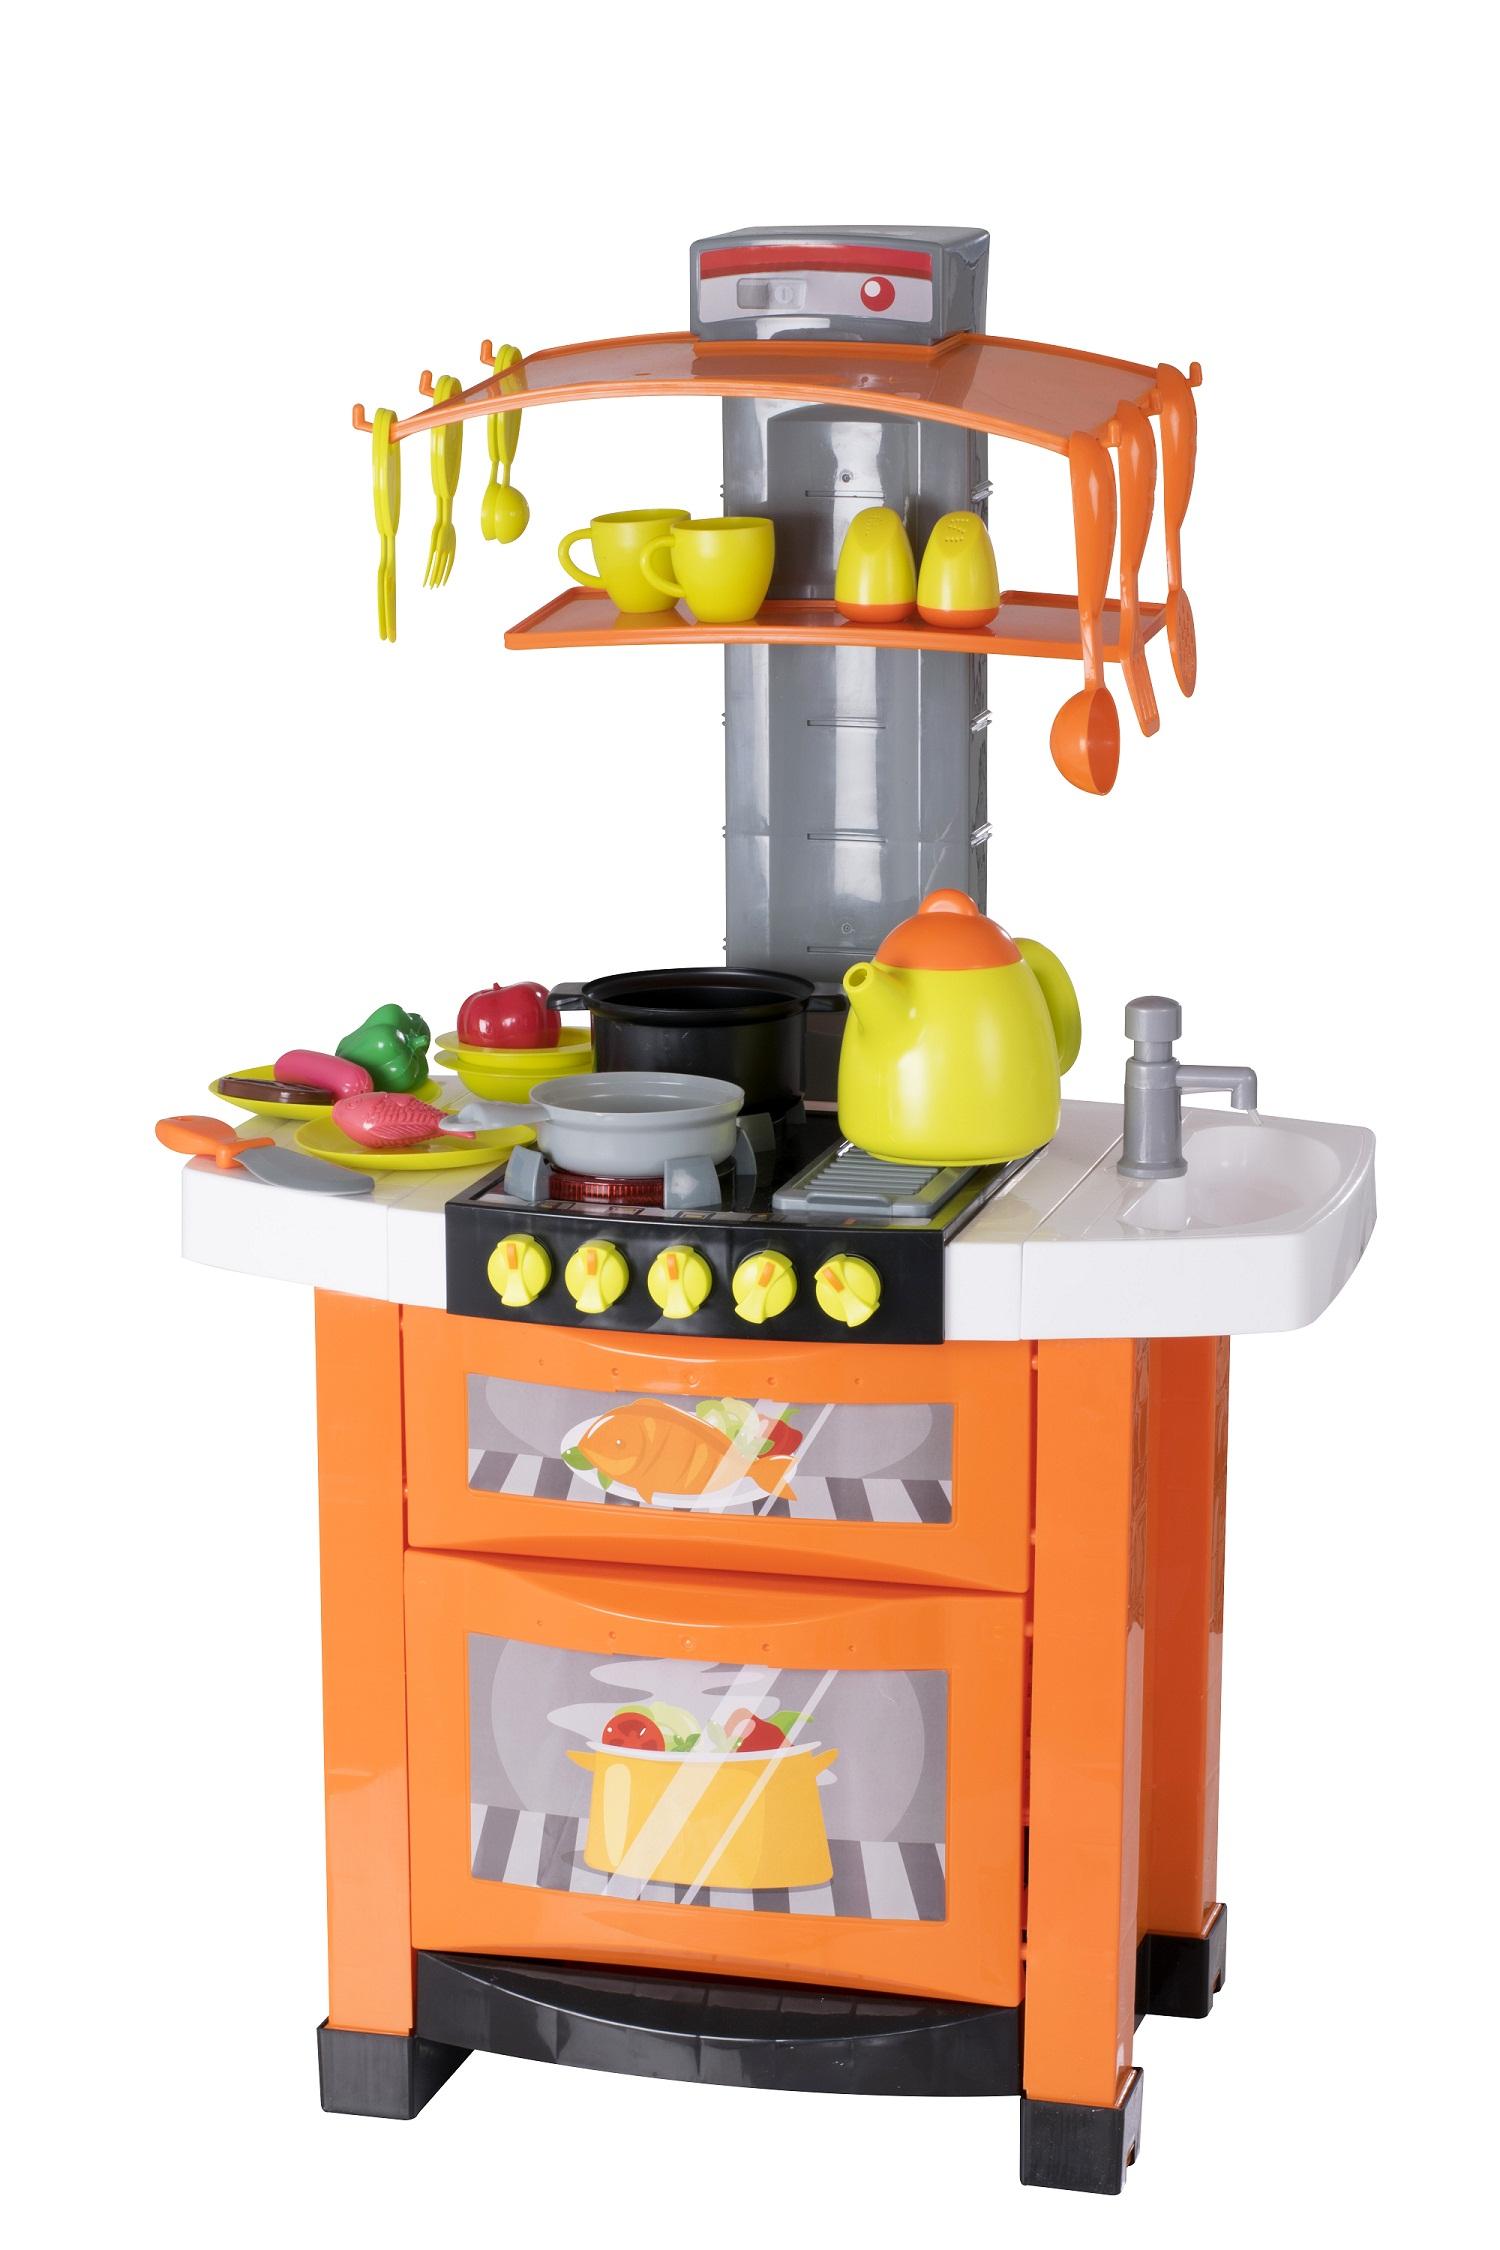 Электронная кухня СмартДетские игровые кухни<br>Электронная кухня Смарт<br>